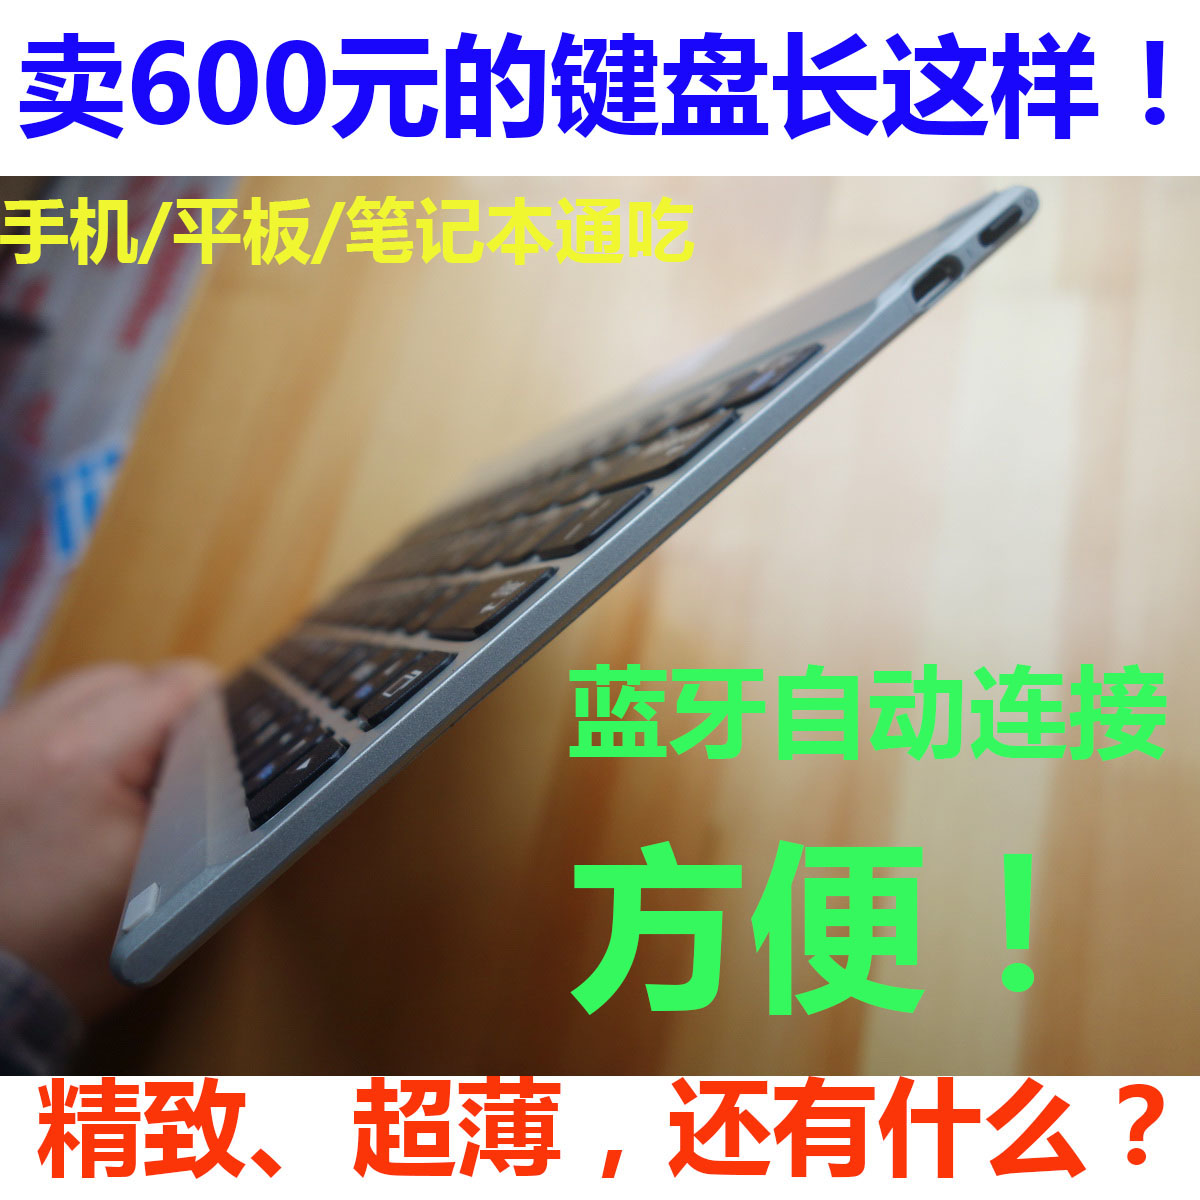 索尼BKB10超輕薄藍牙鍵盤皮套 安卓蘋果手機平板電腦通用鍵盤便攜